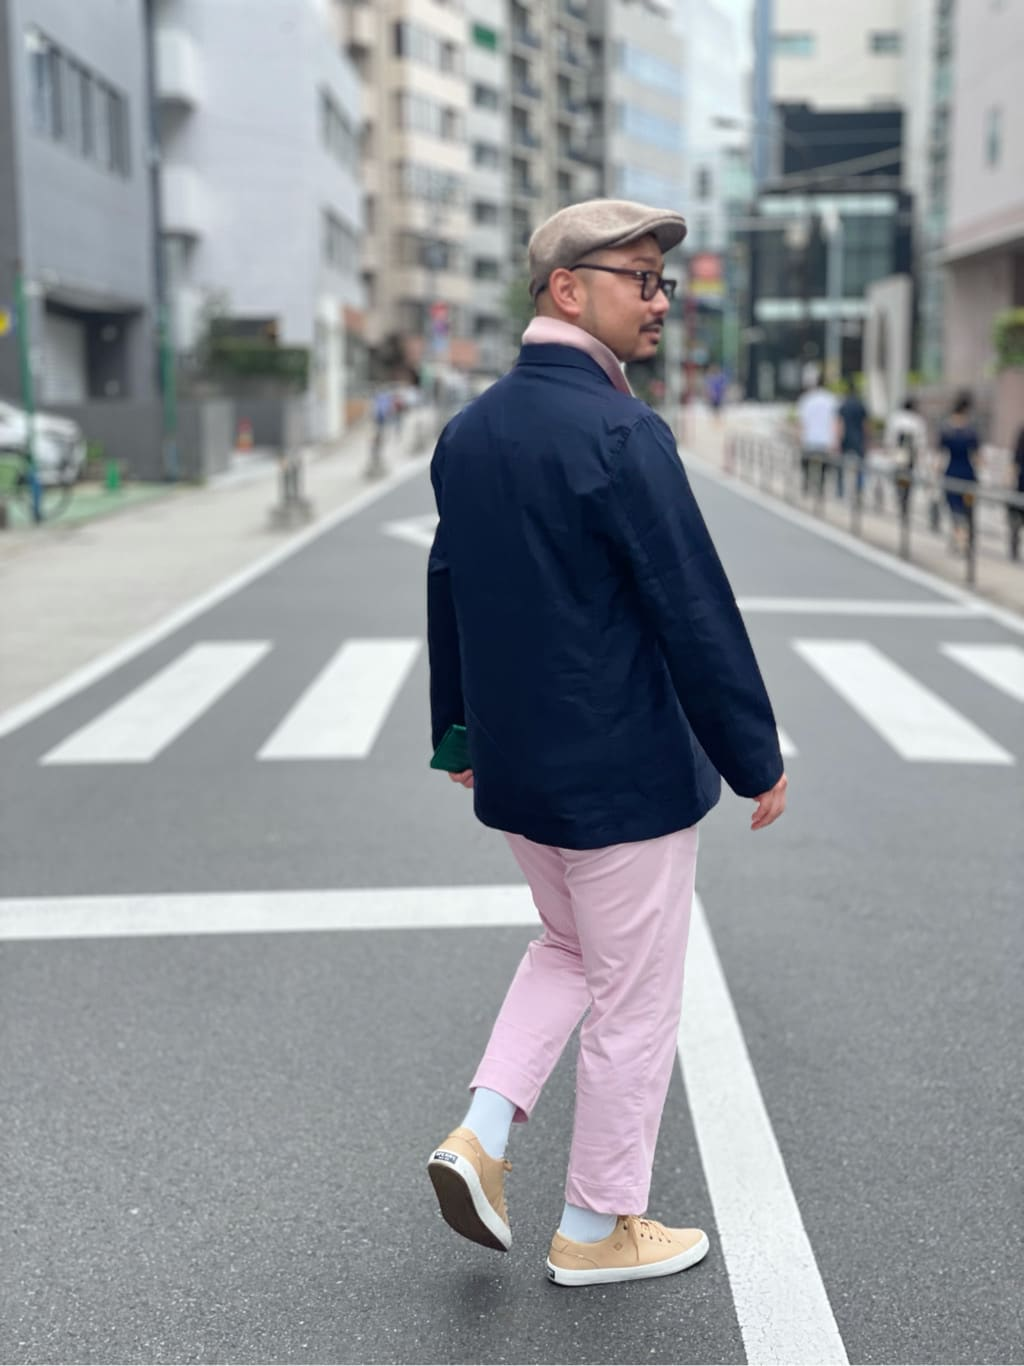 ALPHA SHOP渋谷店のKataoka.RさんのALPHAの【再値下げSALE】【Begin 12月号掲載】アンコンジャケットを使ったコーディネート